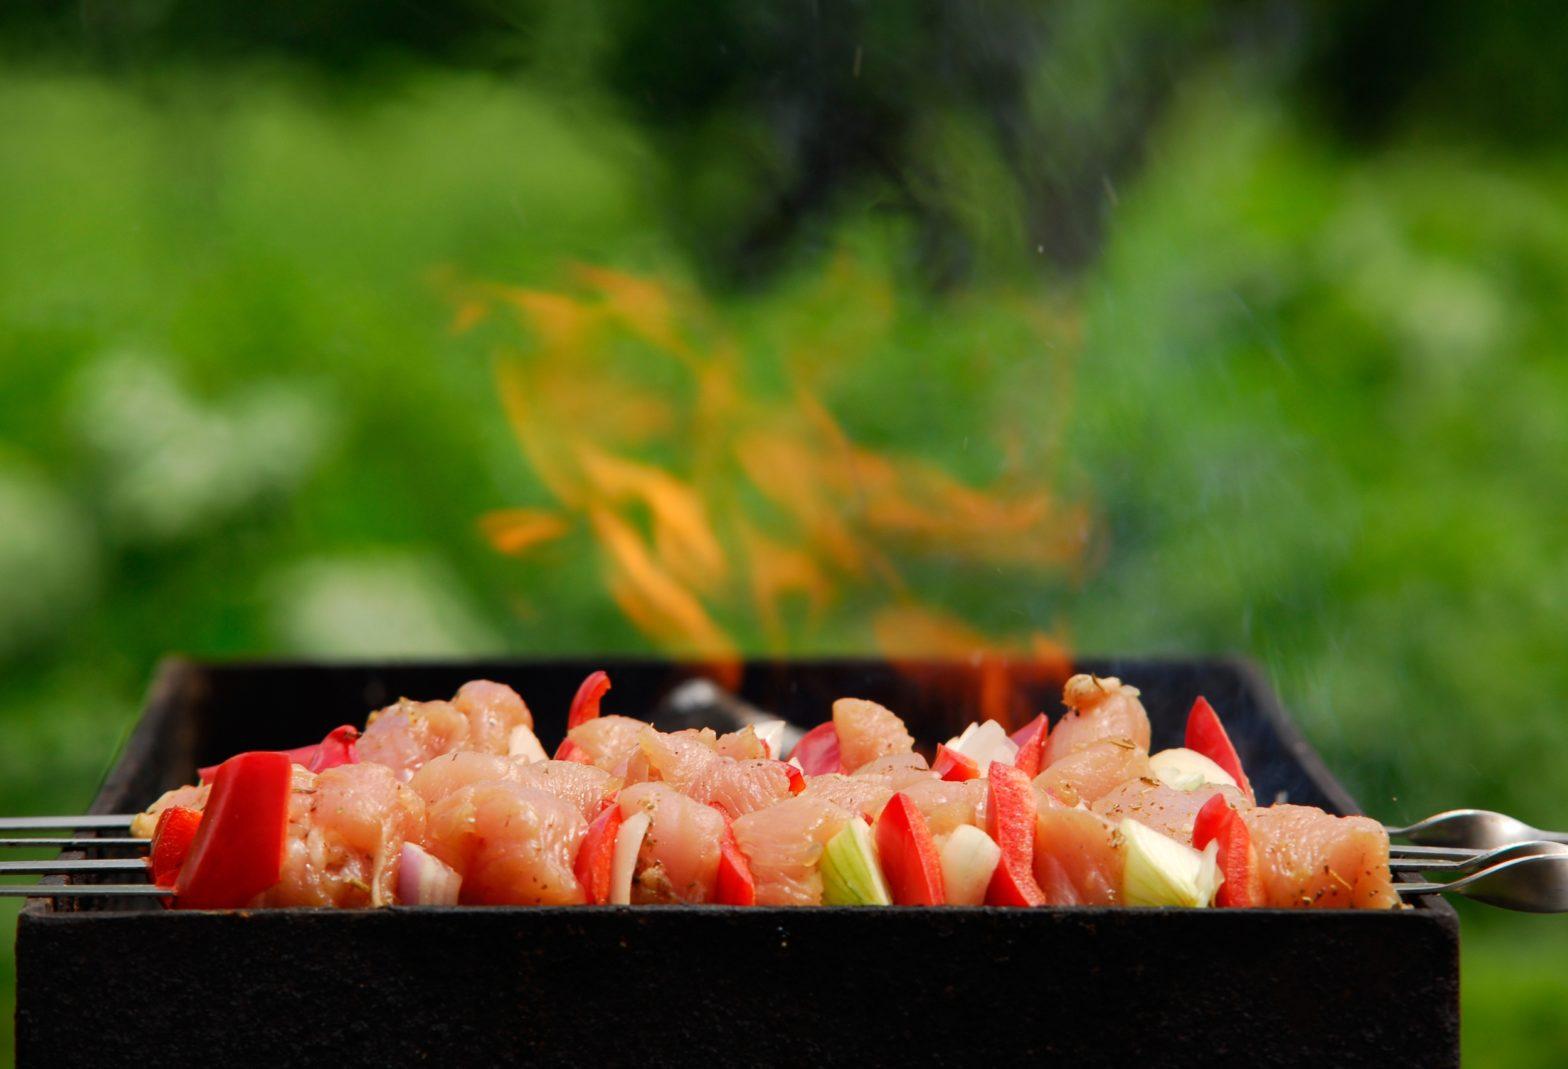 grill, barbecue, fire